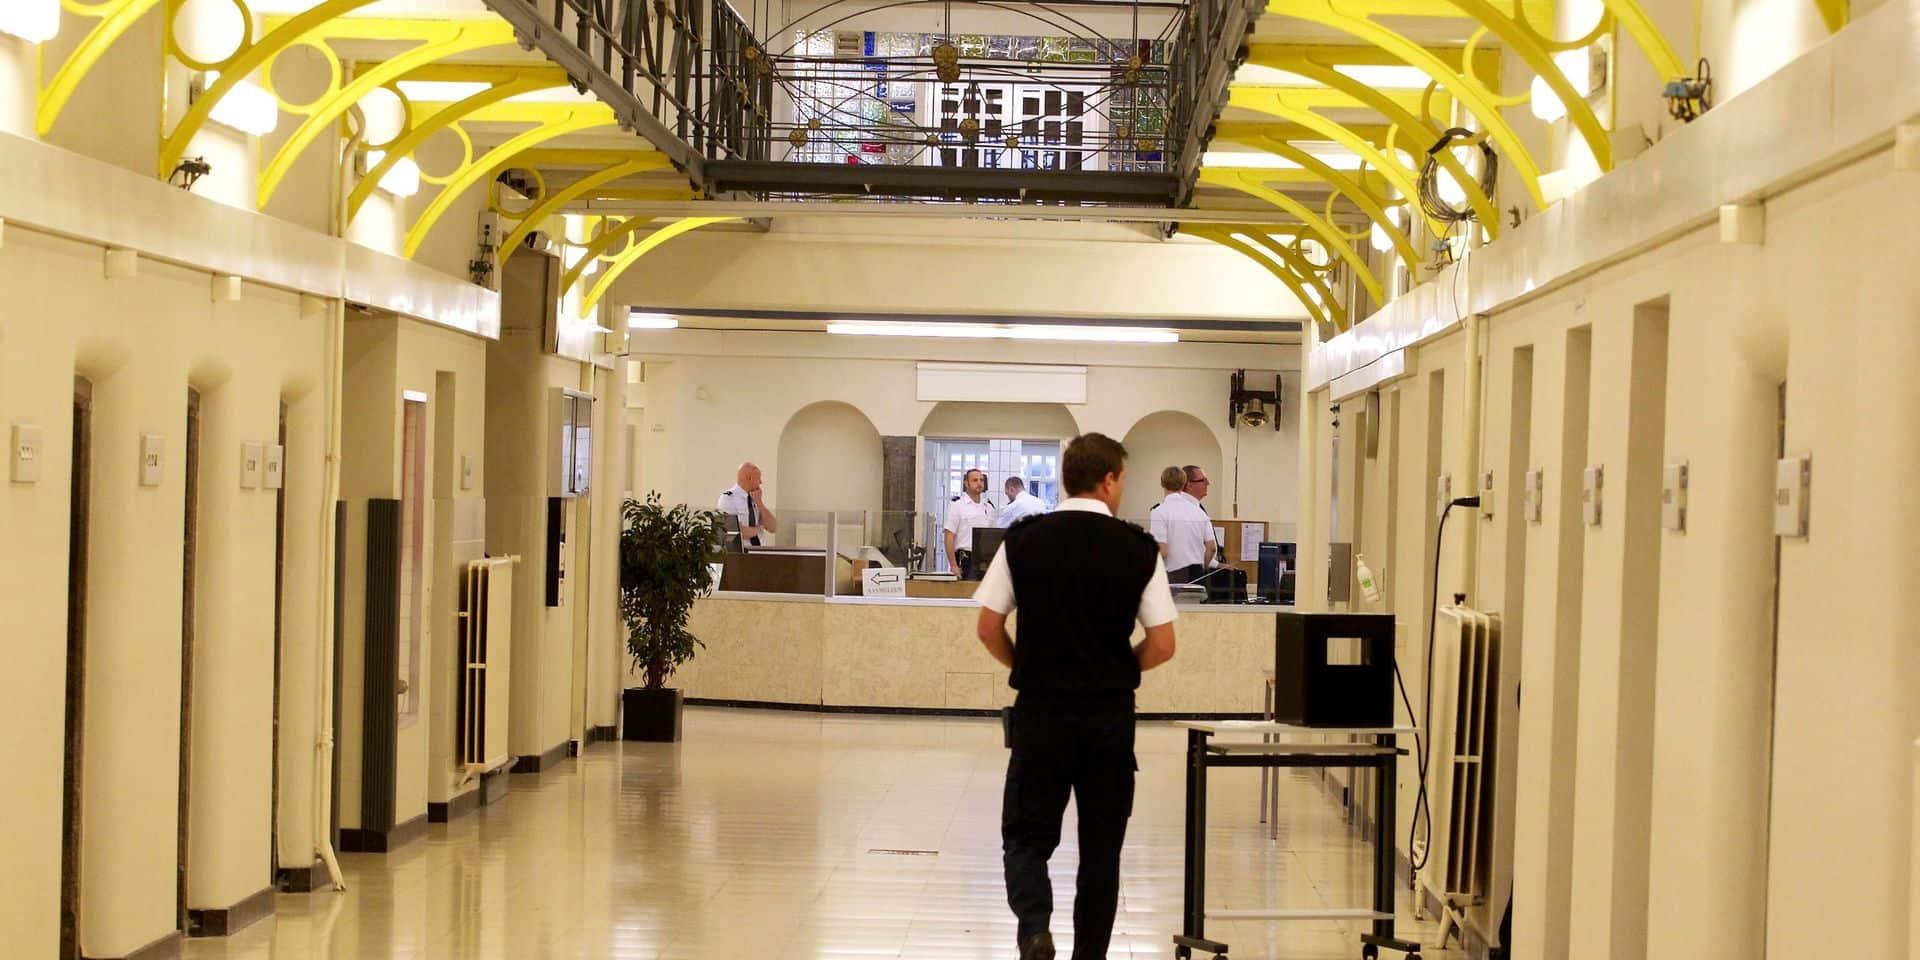 La plupart des prisons flamandes et bruxelloises suivent le mouvement de grève dans les prisons